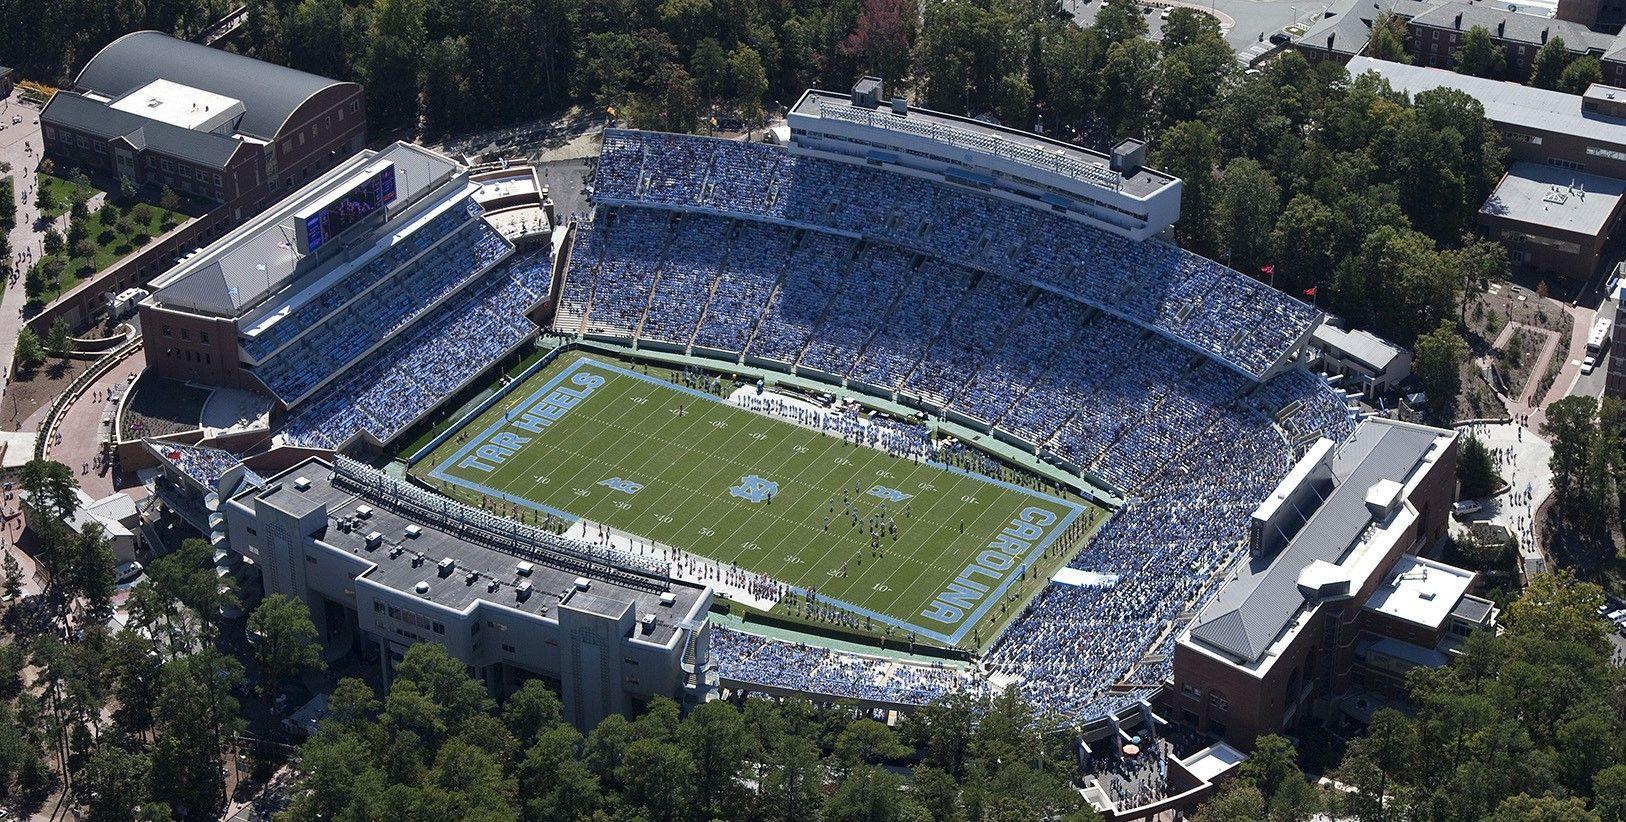 Photo Kenan Stadium Wallpaper Tar Heel Times Stadium Wallpaper Unc Chapel Hill Stadium